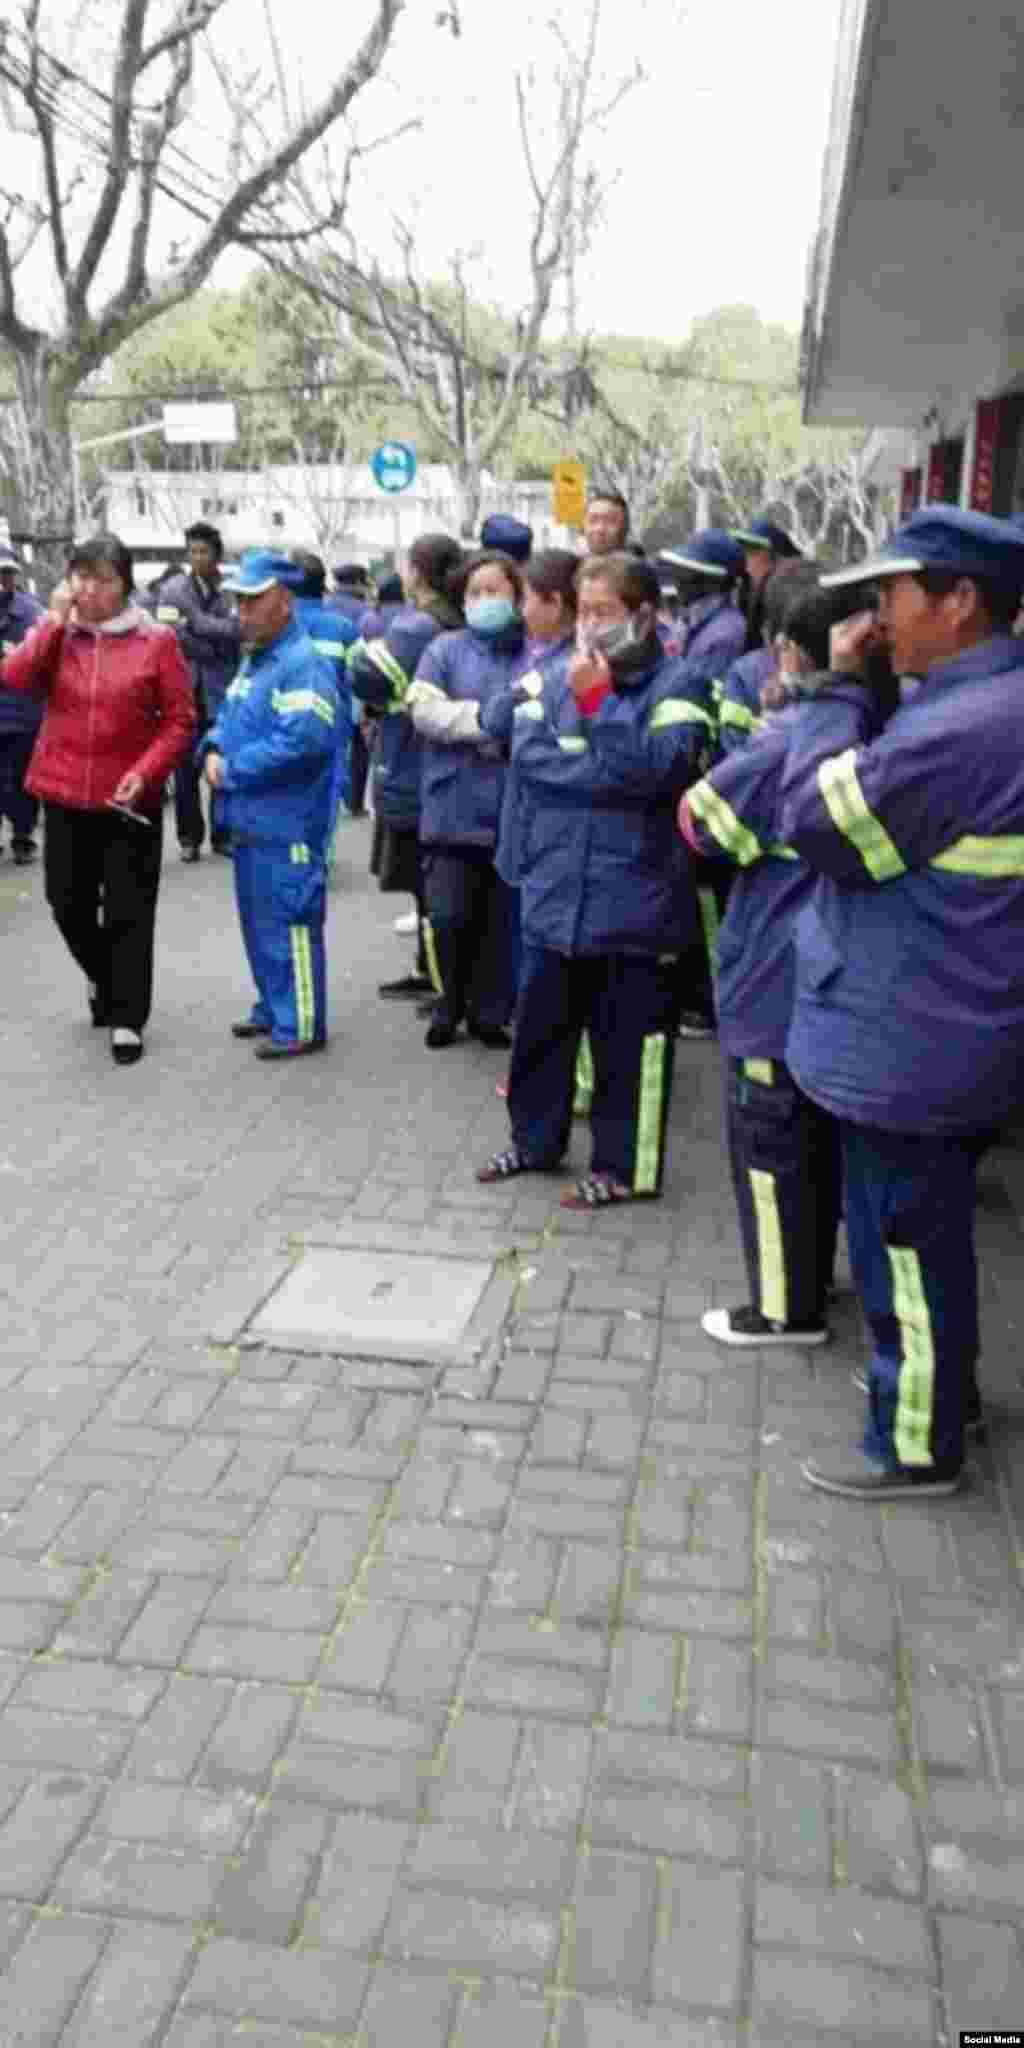 上海环卫工人。长宁区一千多清洁工从2018年3月26号开始罢工,索取被扣的工资与津贴,罢工6天后与公司达成协议,恢复工作。但当局仍然监视工人,禁止他们接受媒体采访。